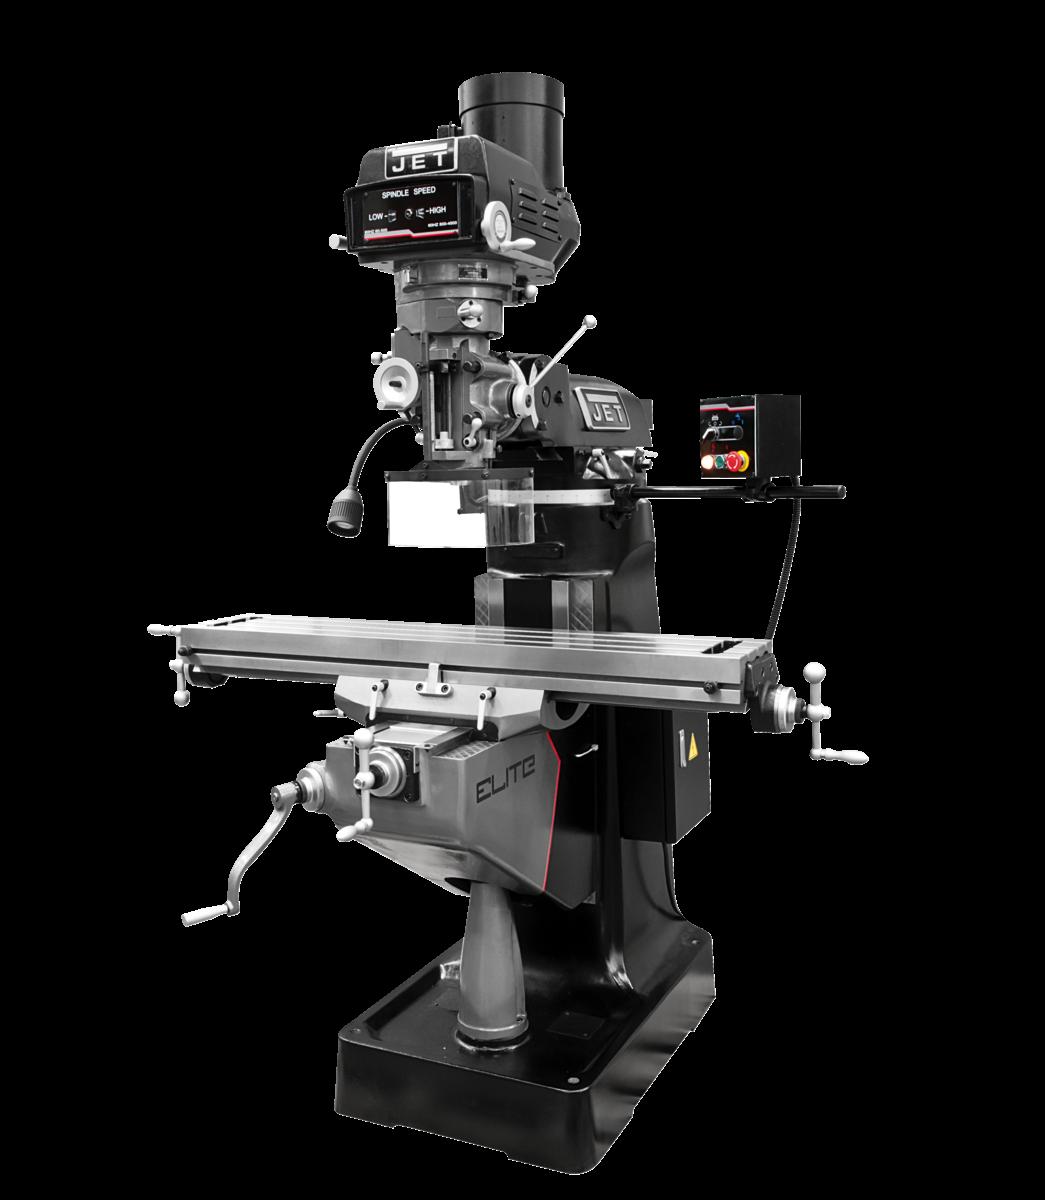 ETM-949 Mill with Servo X, Y, Z-Axis Powerfeeds